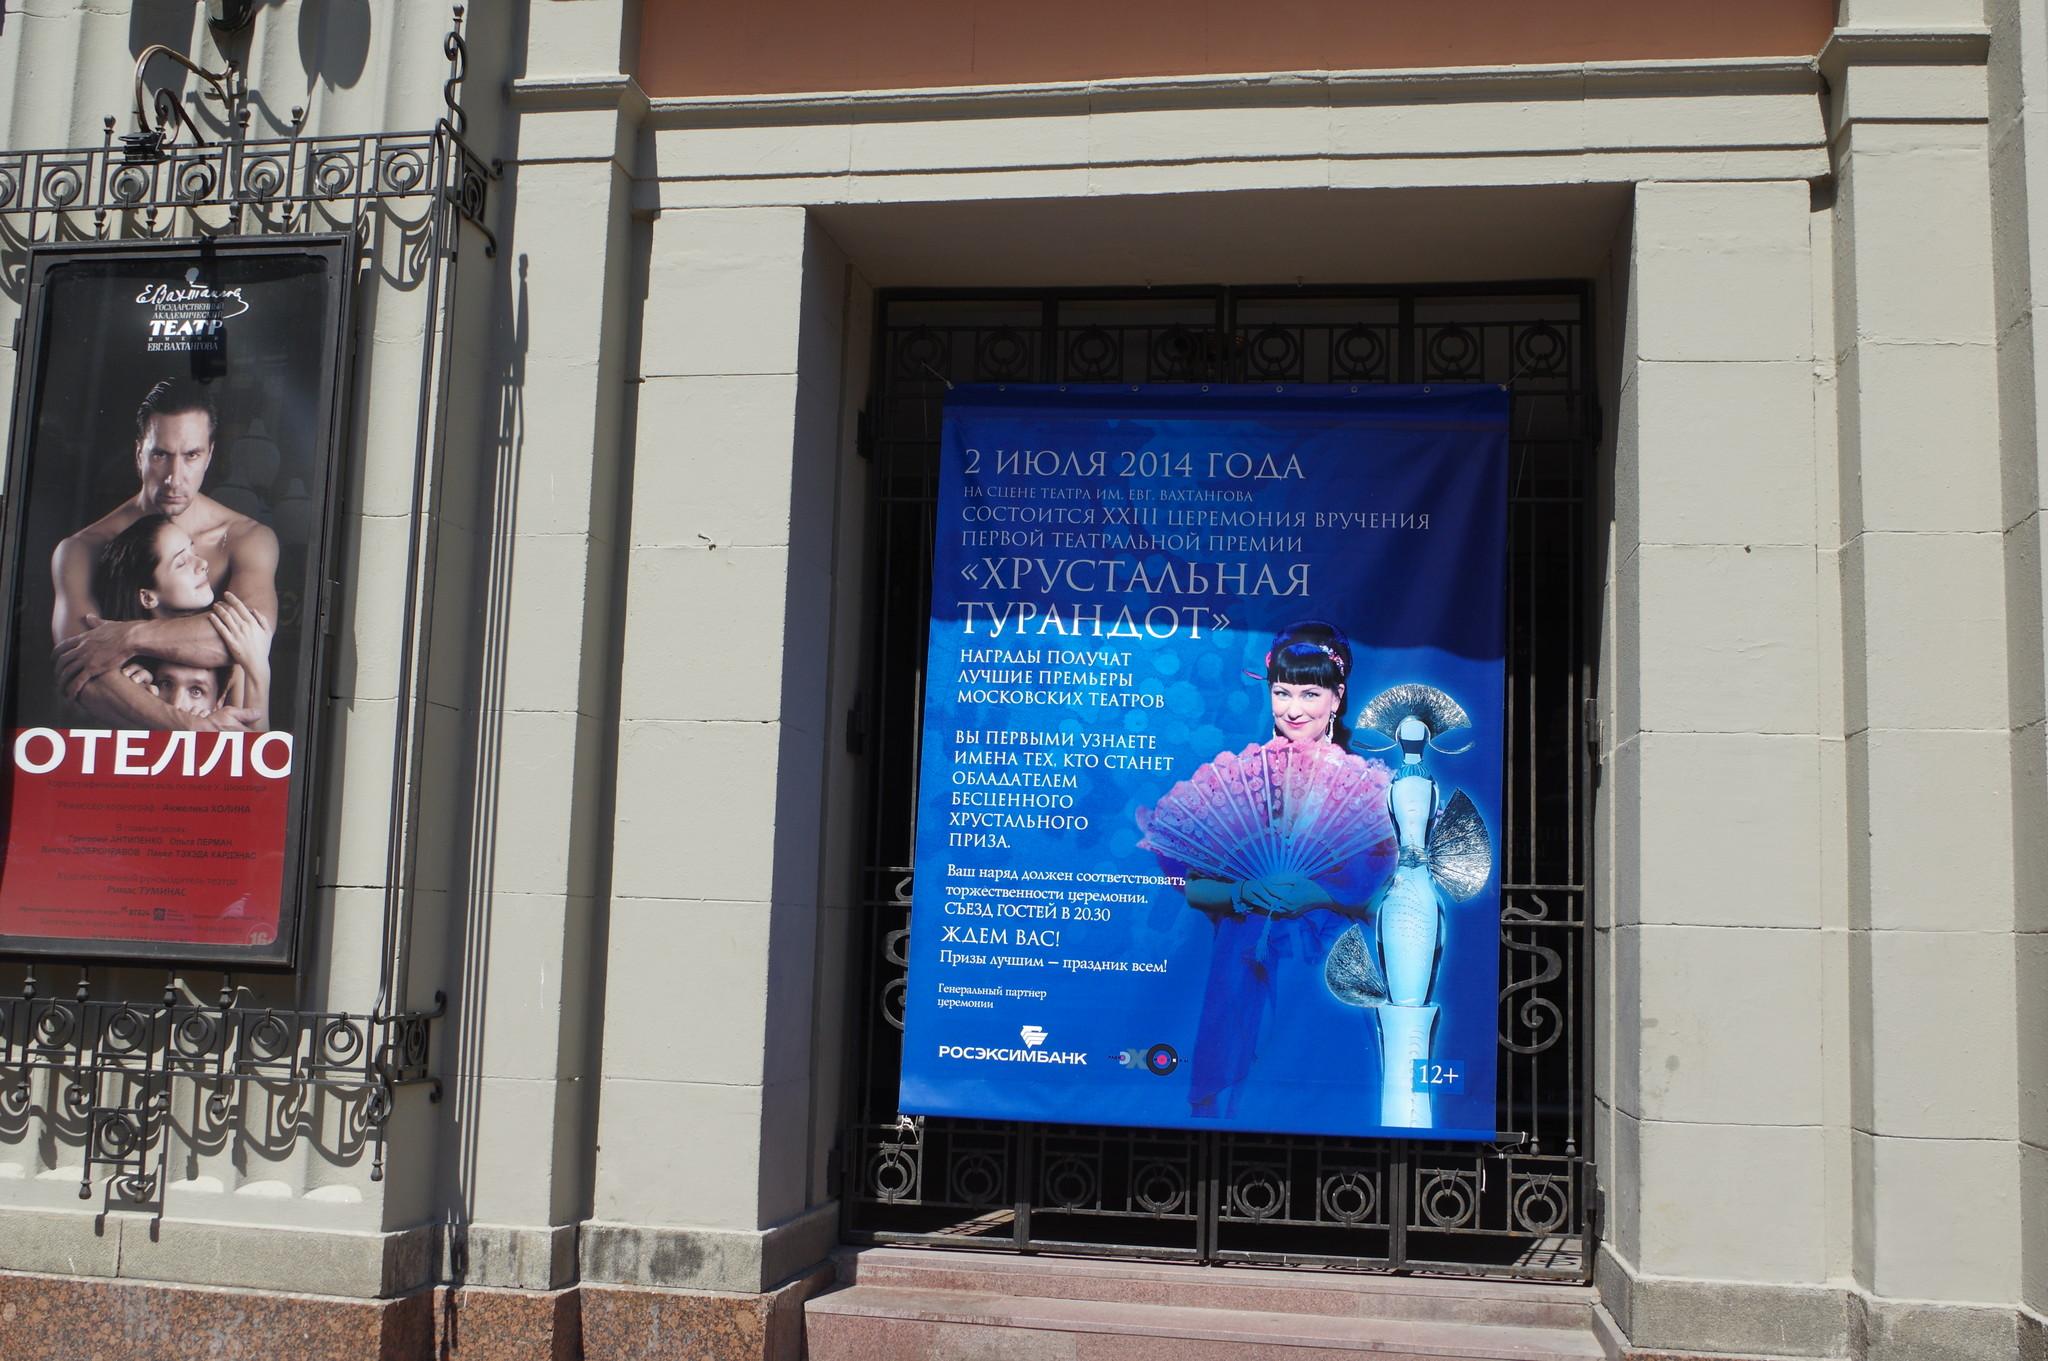 Первая театральная премия «Хрустальная Турандот». XXIII церемония награждения лауреатов